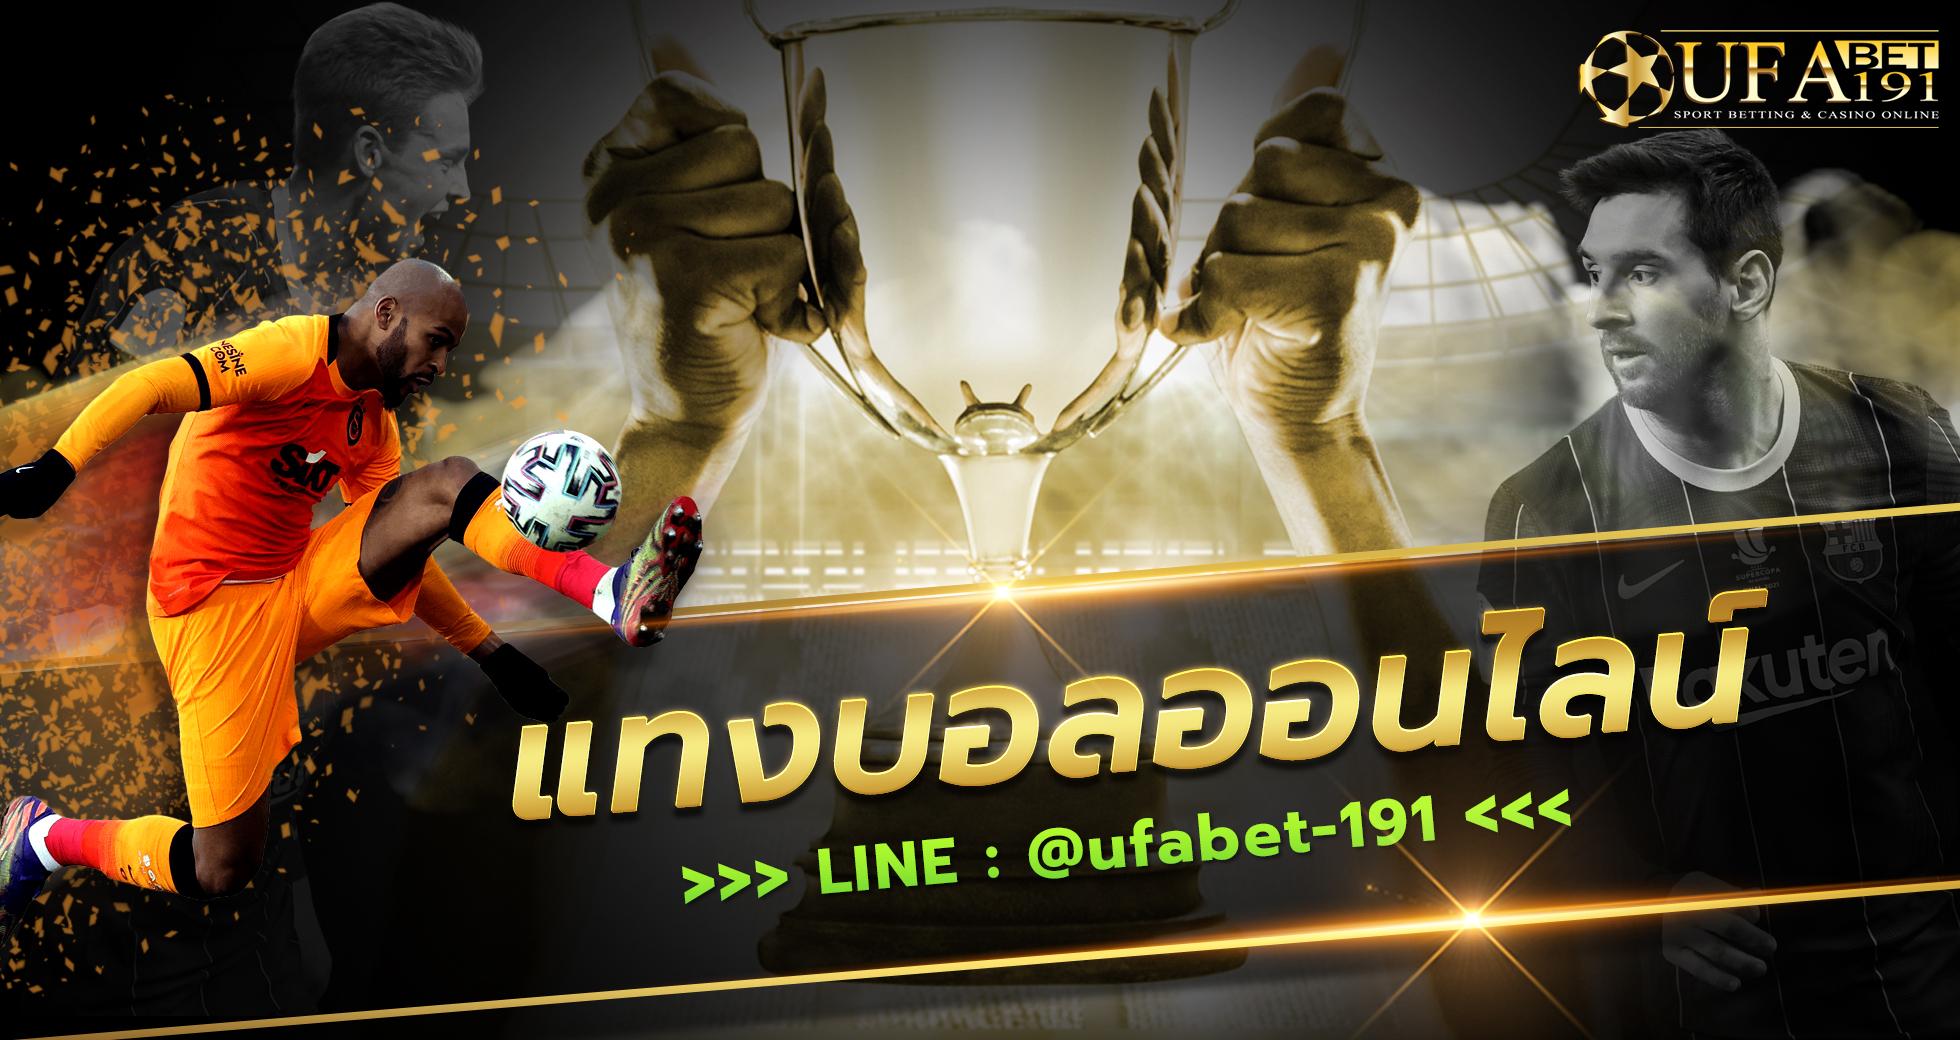 แทงบอล พนันบอล ufabet 2021